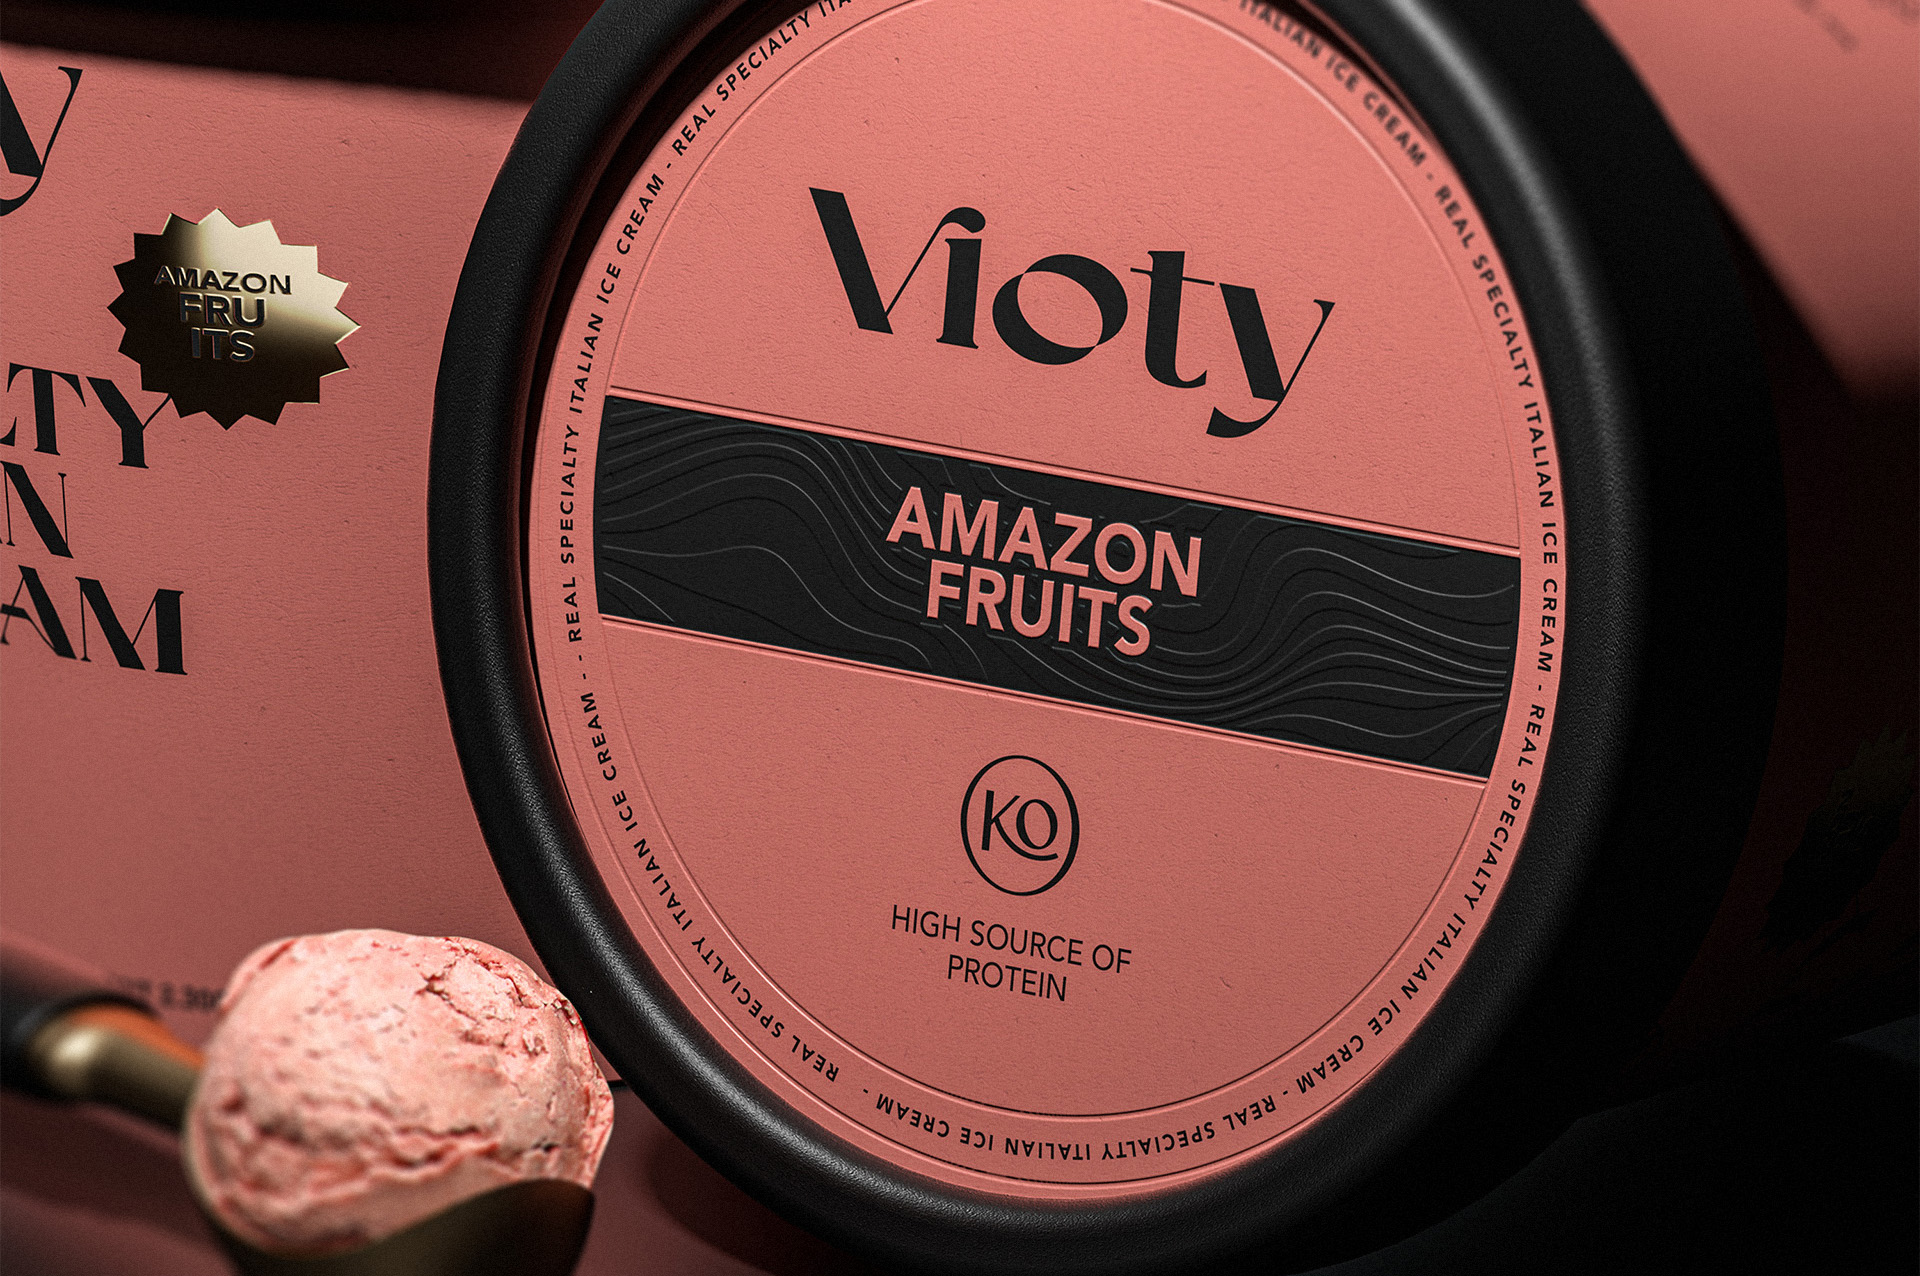 vioty ice cream